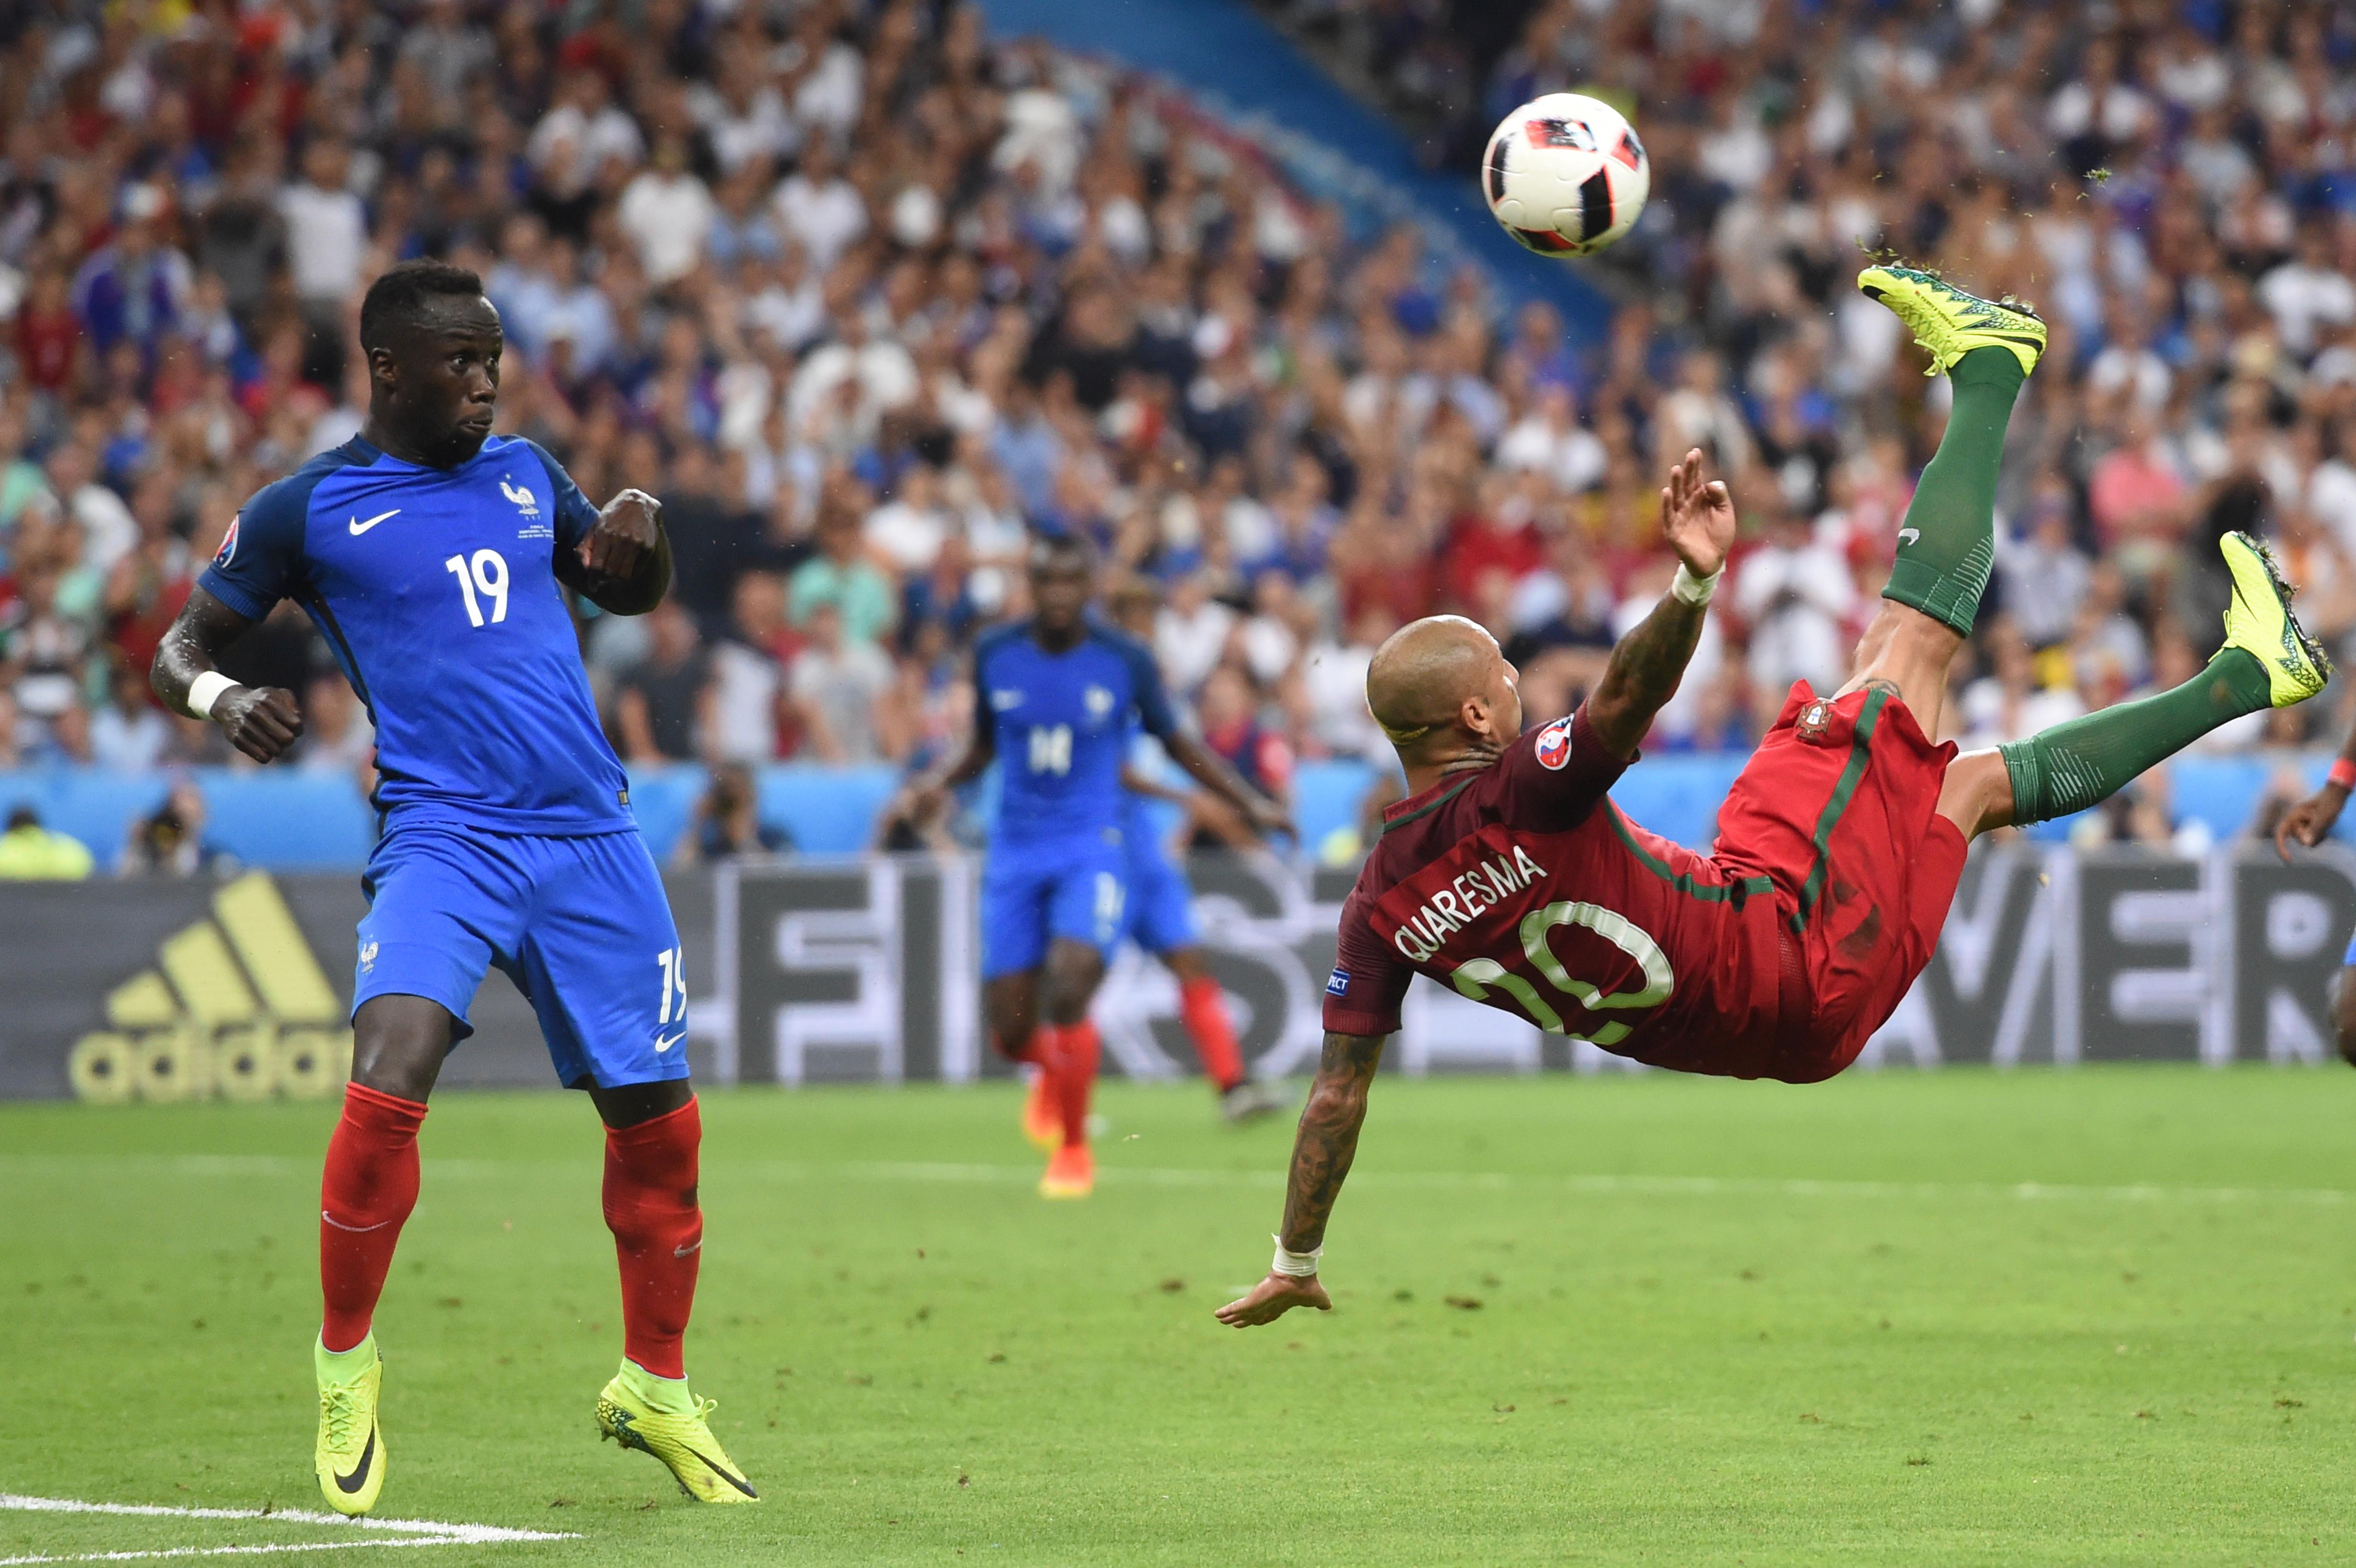 葡萄牙的前鋒誇雷斯馬和法國隊後衛沙格拿在比賽中。(FRANCISCO LEONG/AFP)